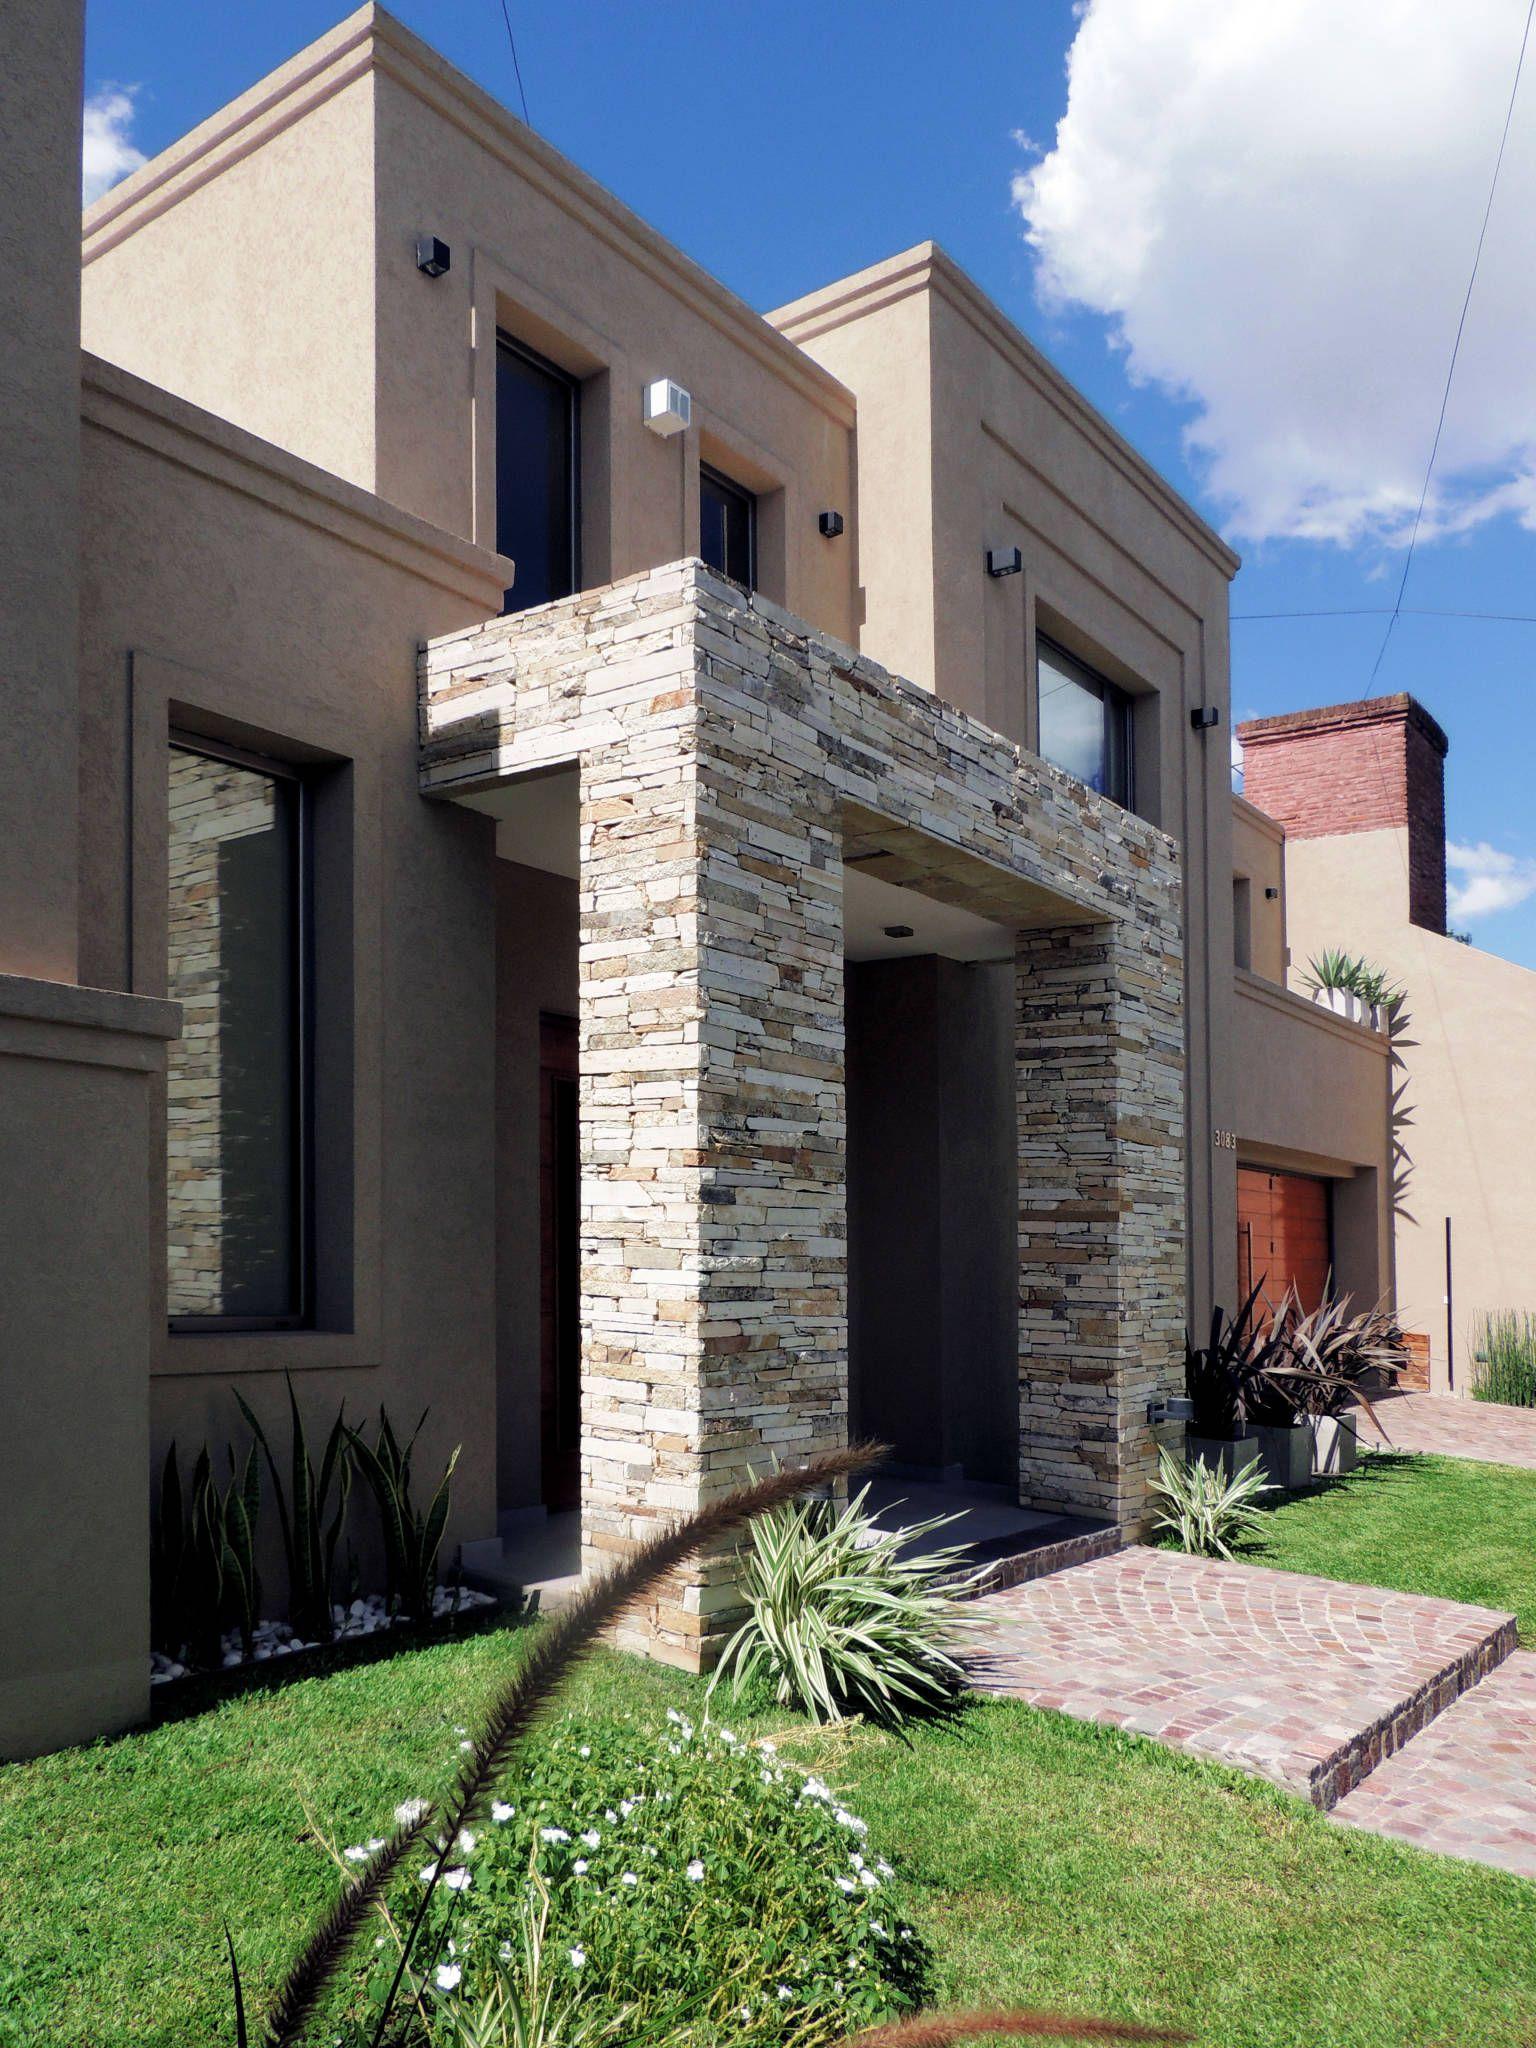 Fotos de casas de estilo moderno greco ii house grecas - Arquitectos casas modernas ...